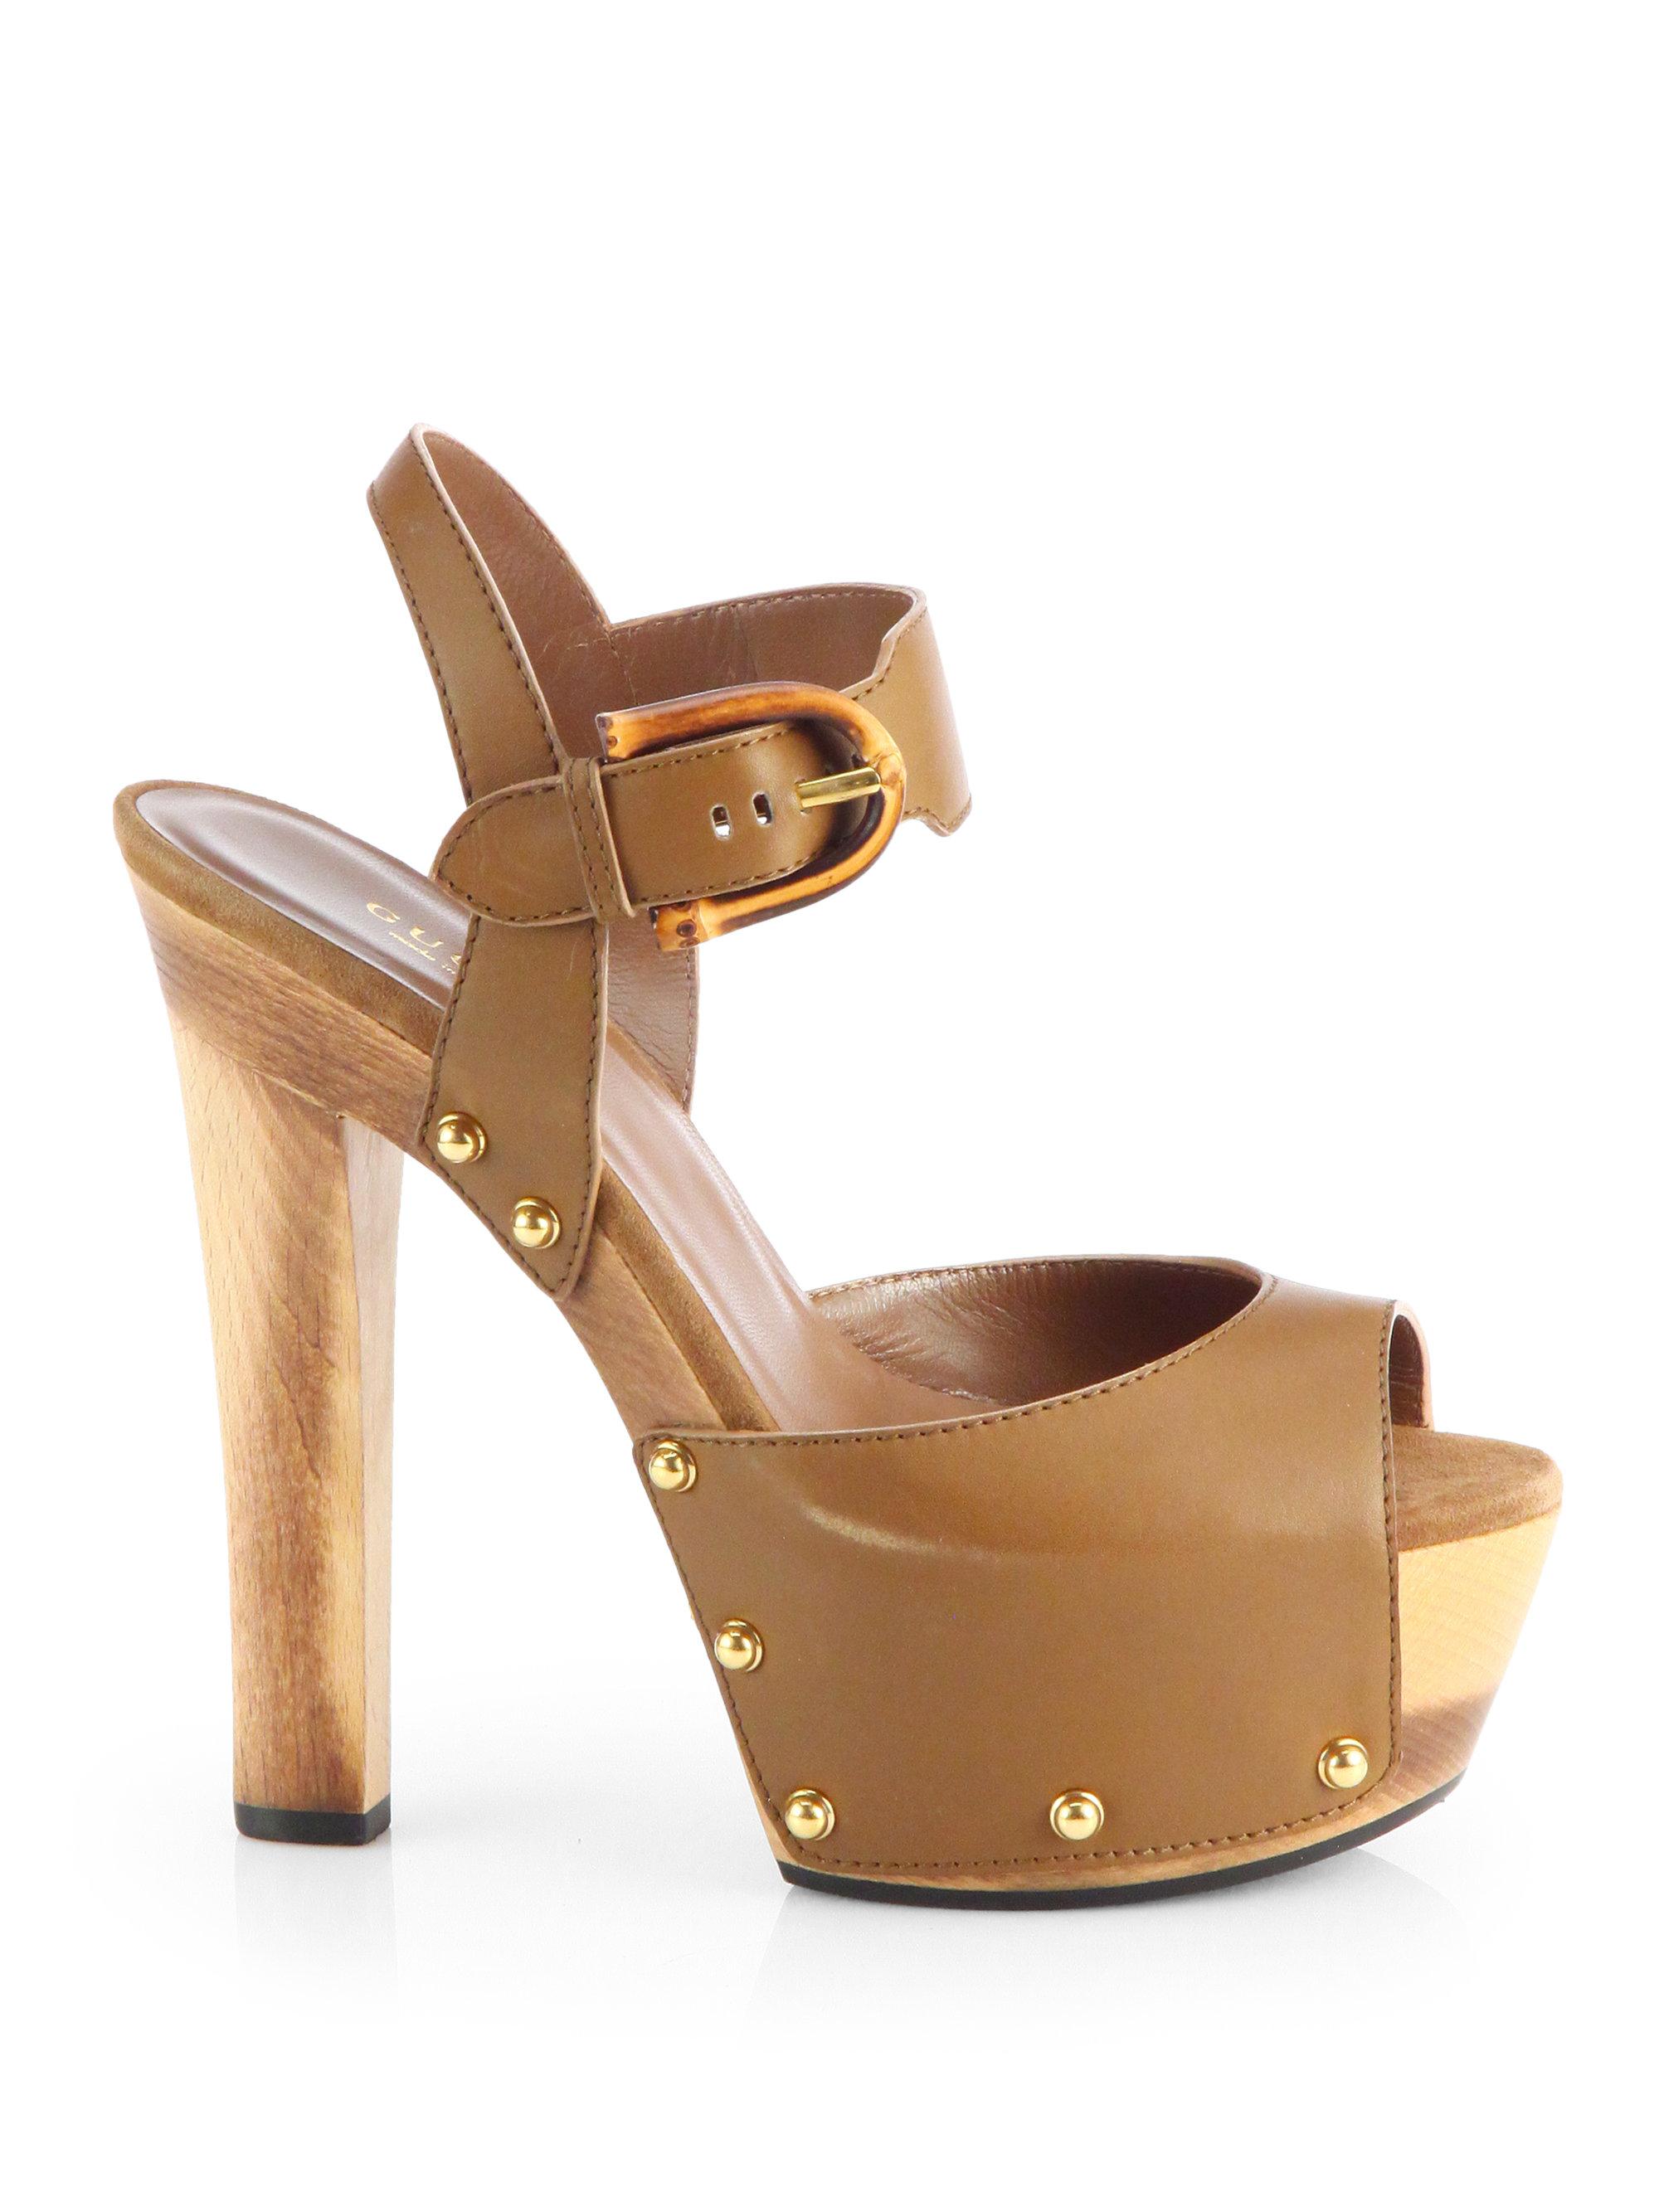 Saks Gucci Sale Shoes